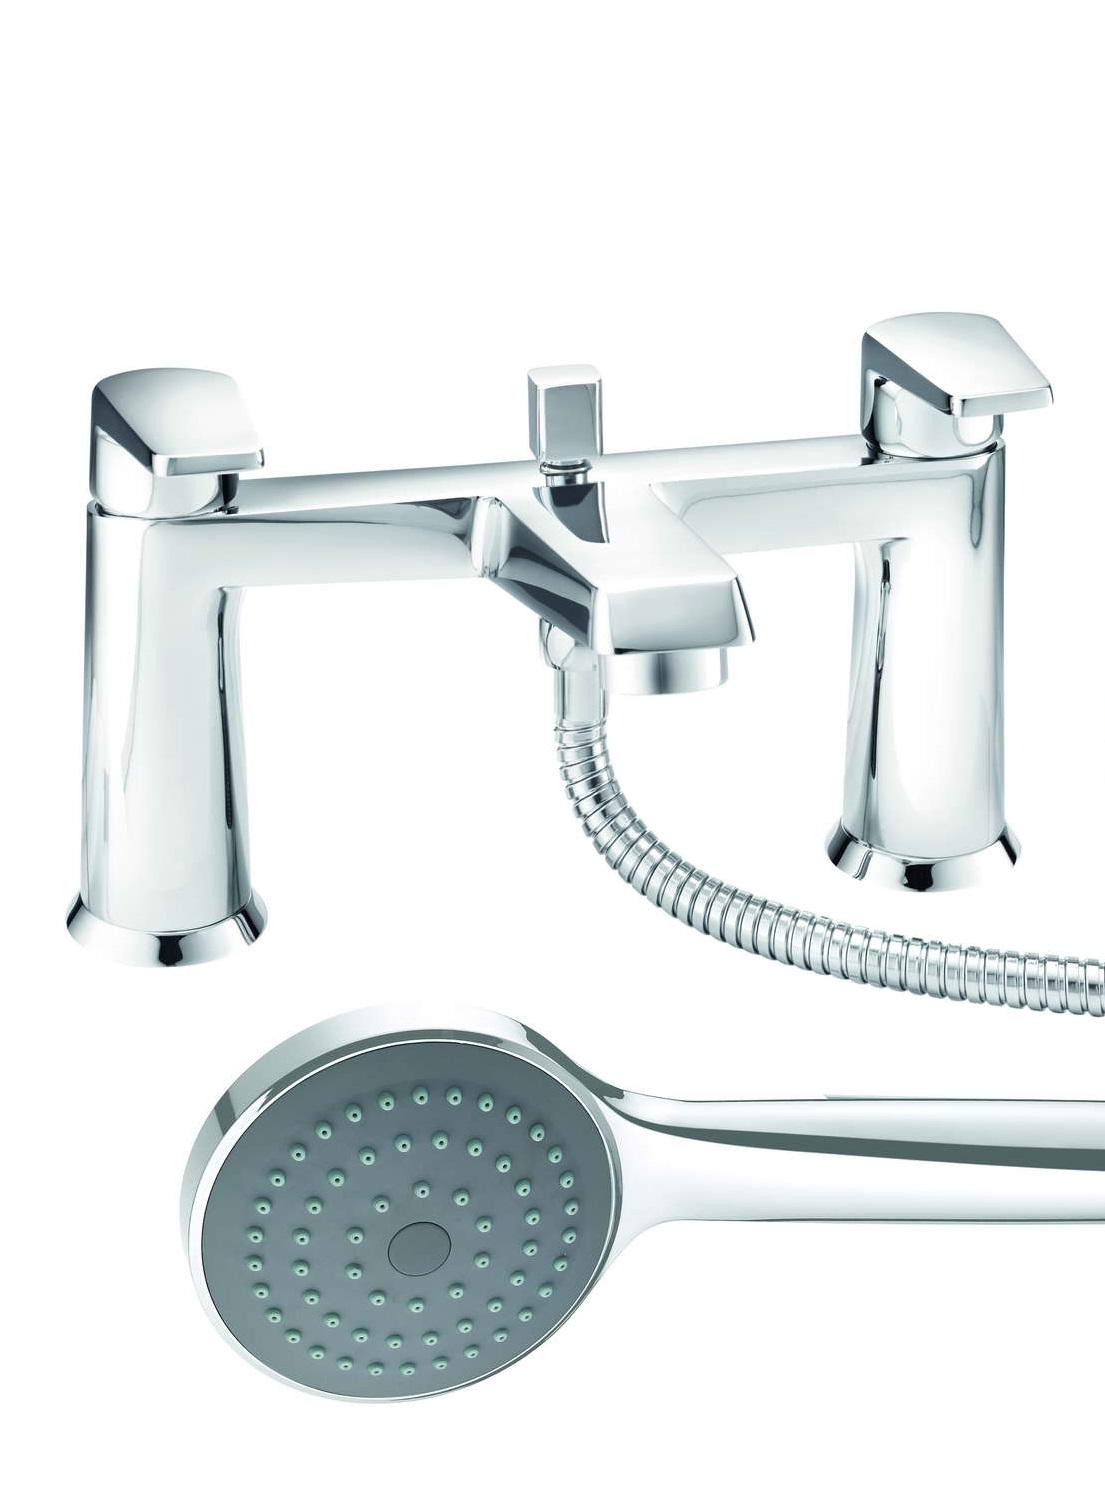 LINTON BATH SHOWER MIXER & SHOWER KIT | Bath Giant